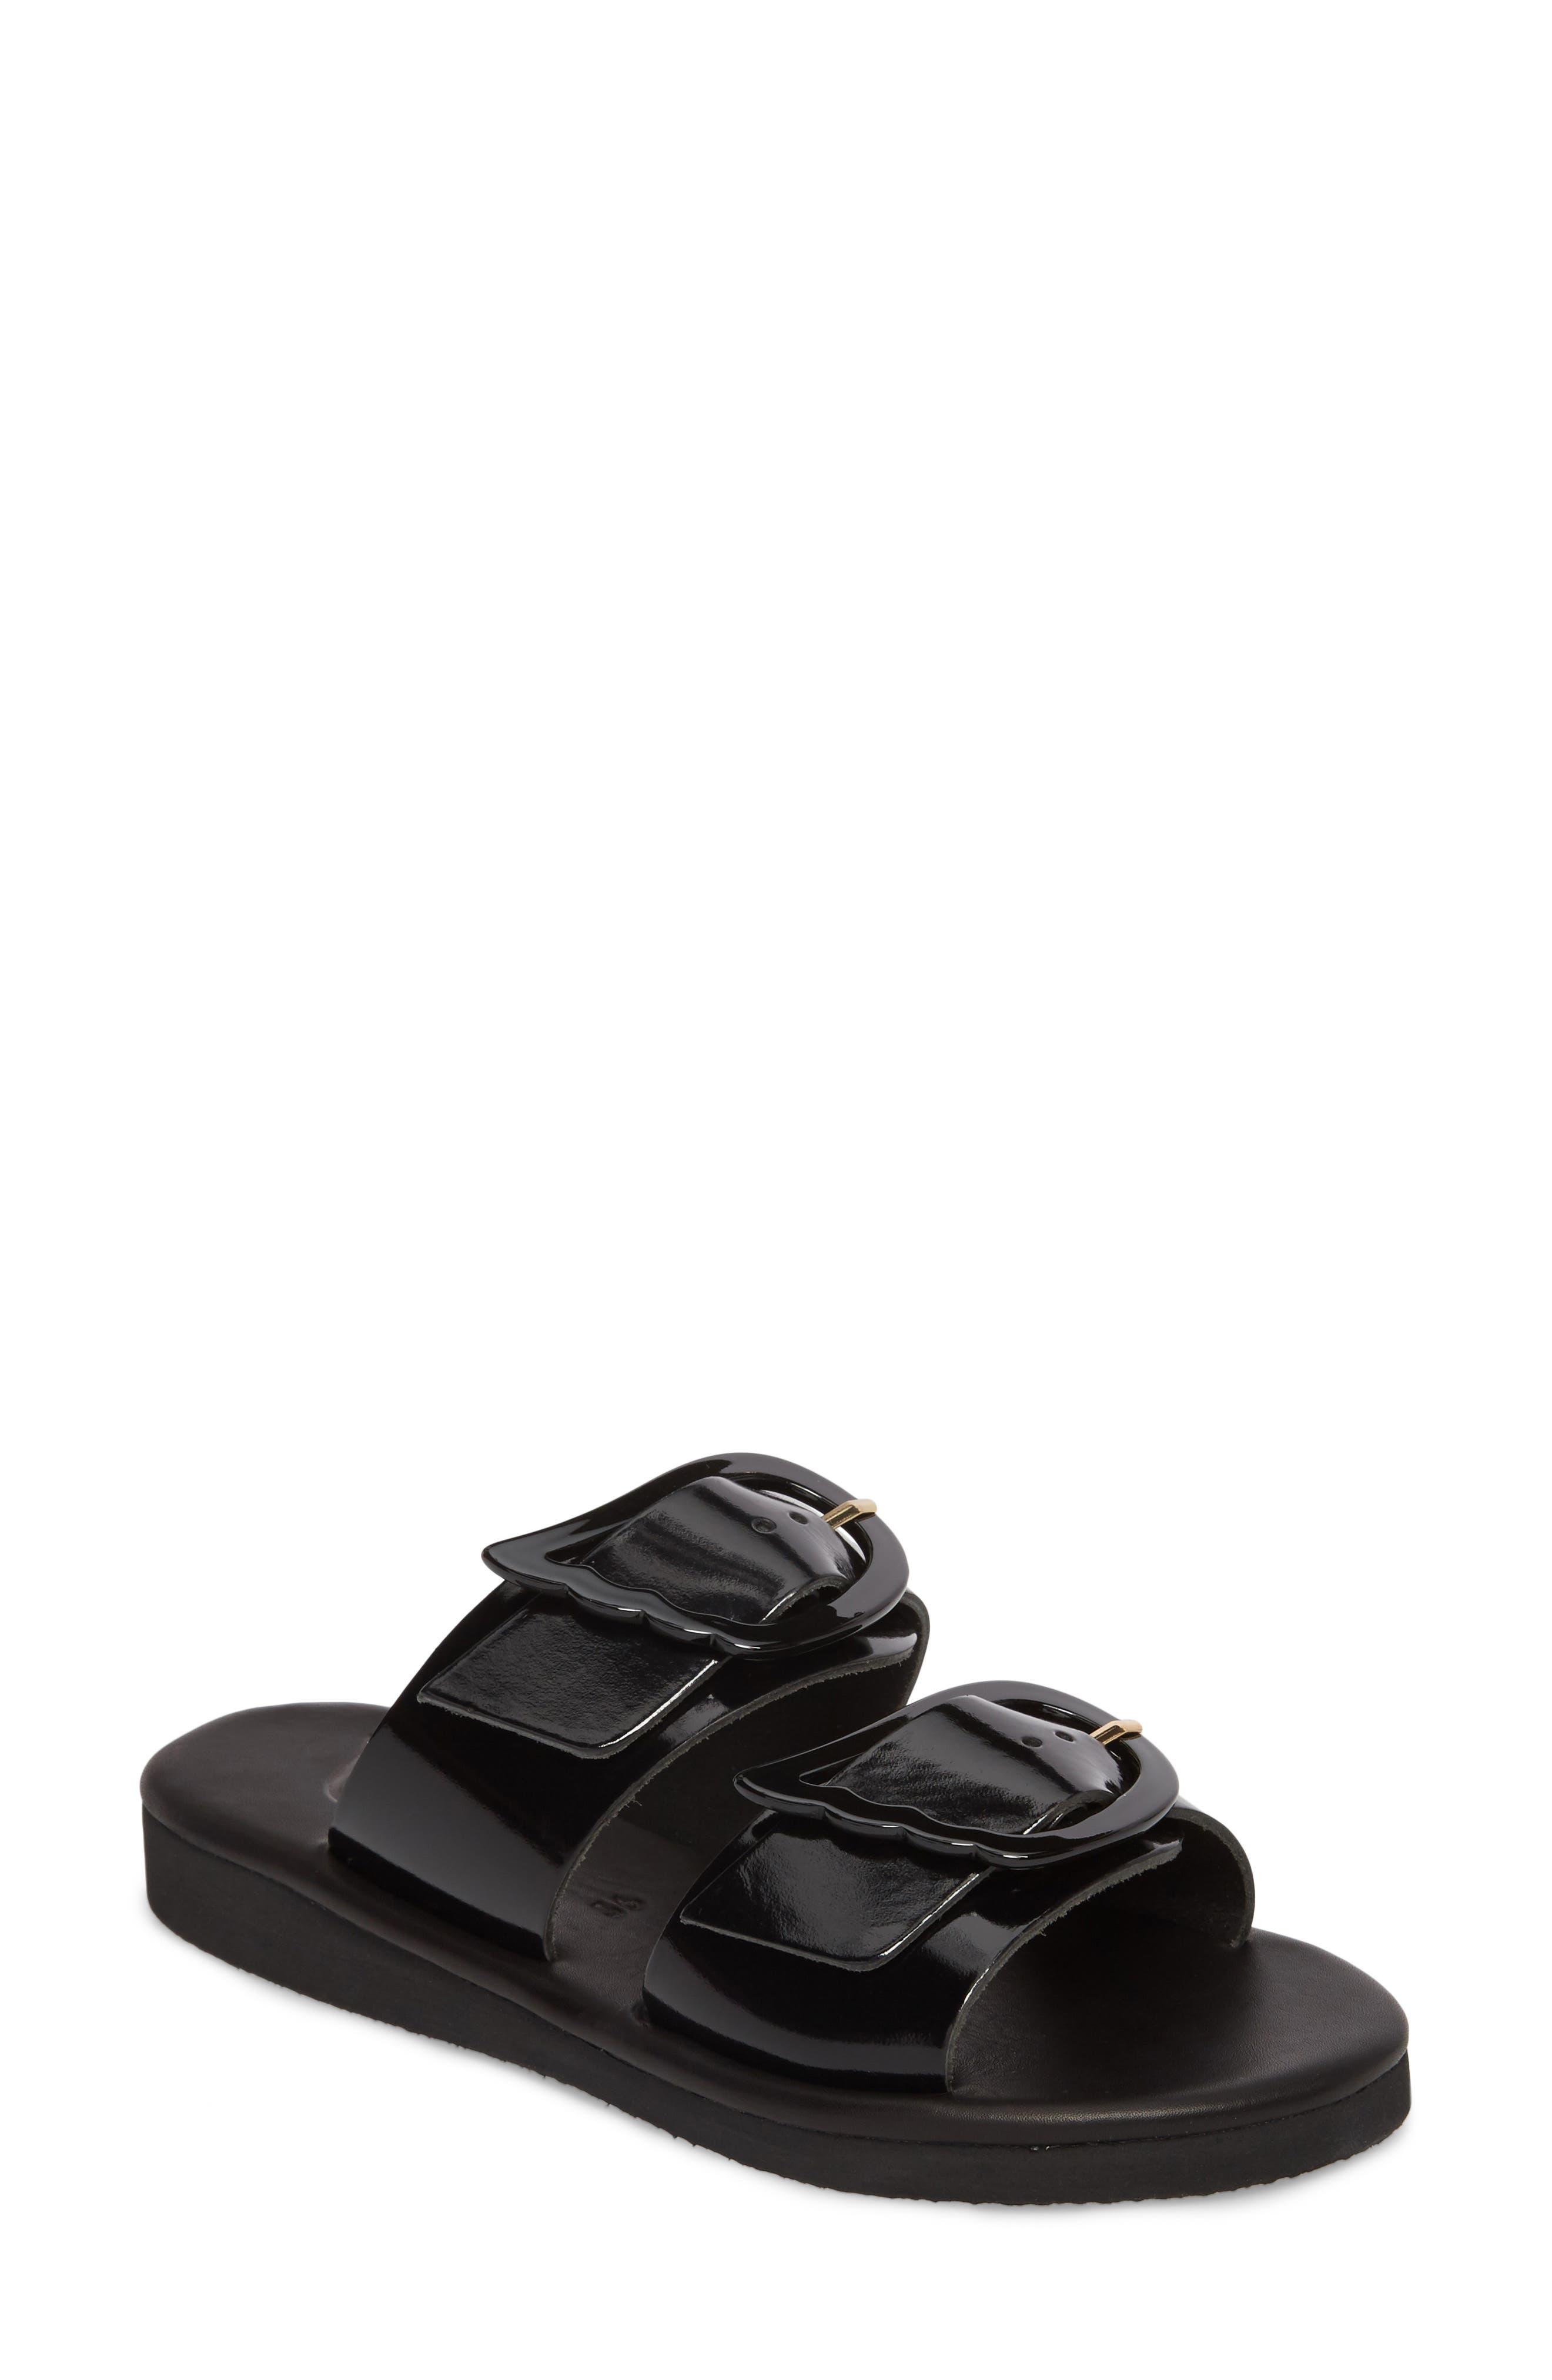 Iaso Slide Sandal,                             Main thumbnail 1, color,                             Black